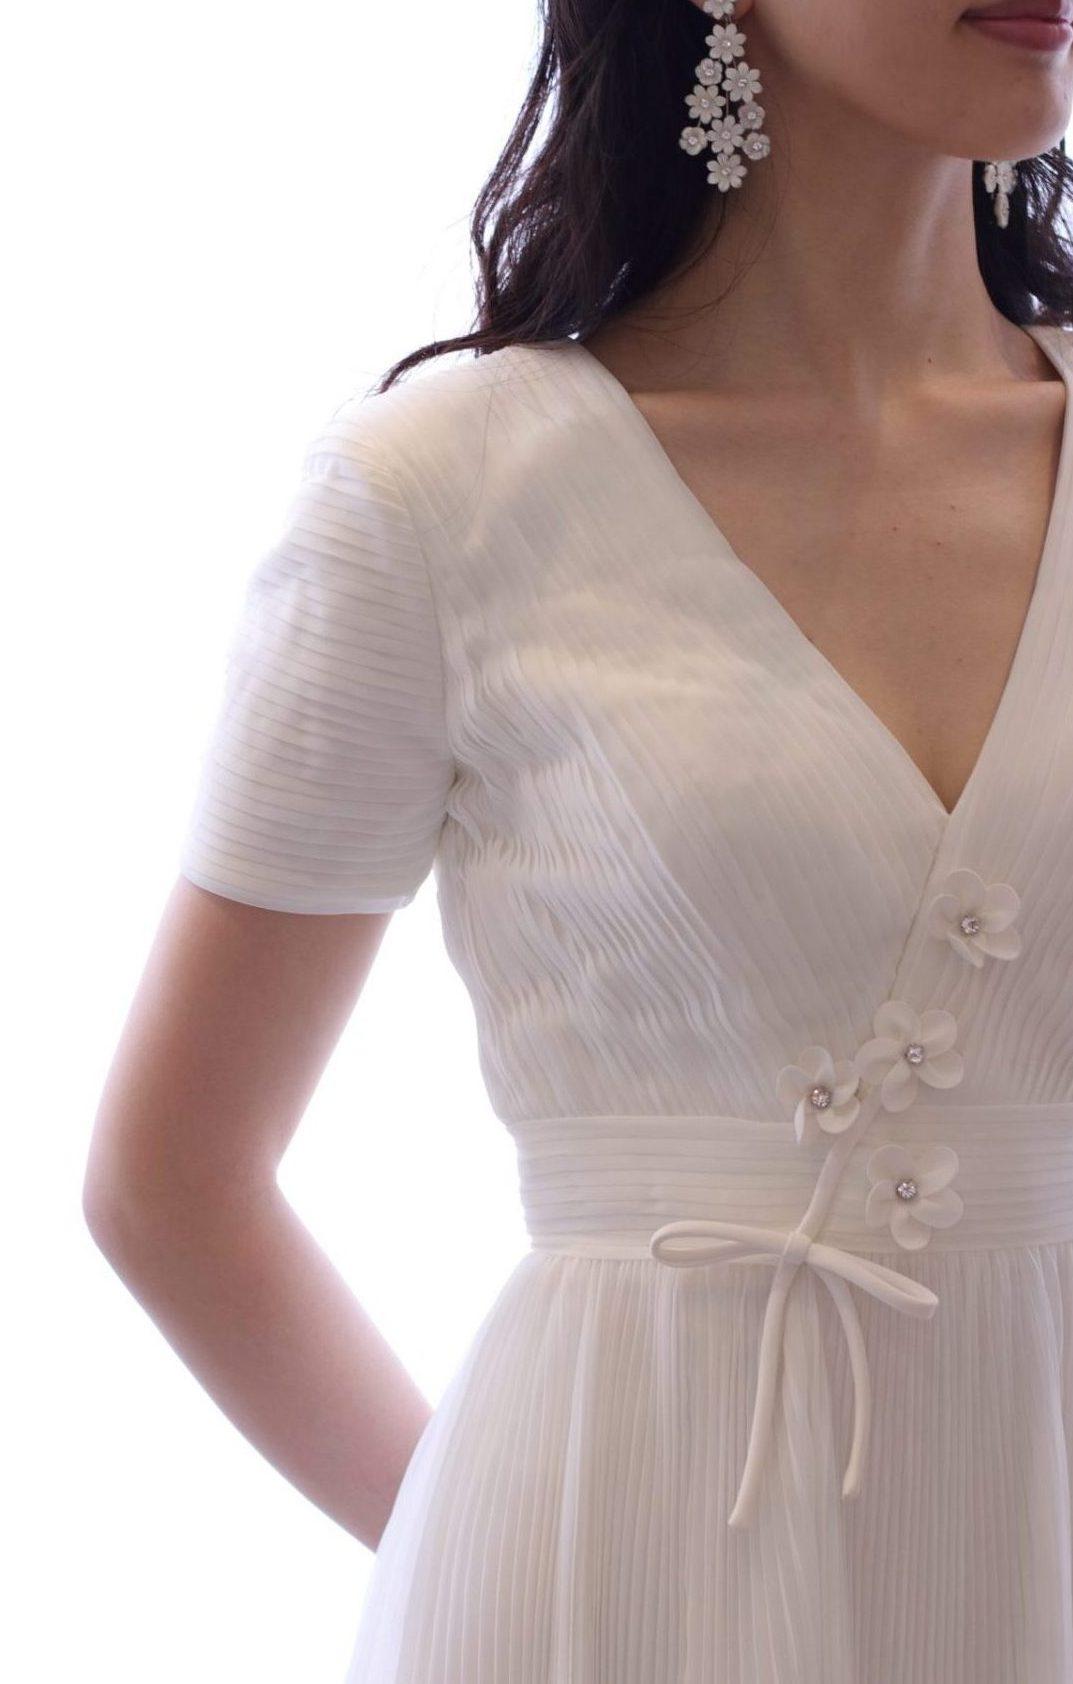 おしゃれな花嫁様に人気のザトリートドレッシングに入荷したヴィクターアンドロルフマリアージュの新作ウェディングドレスはVネックのデザインでデコルテを美しく見せ、フラワーモチーフが目を引く一着です